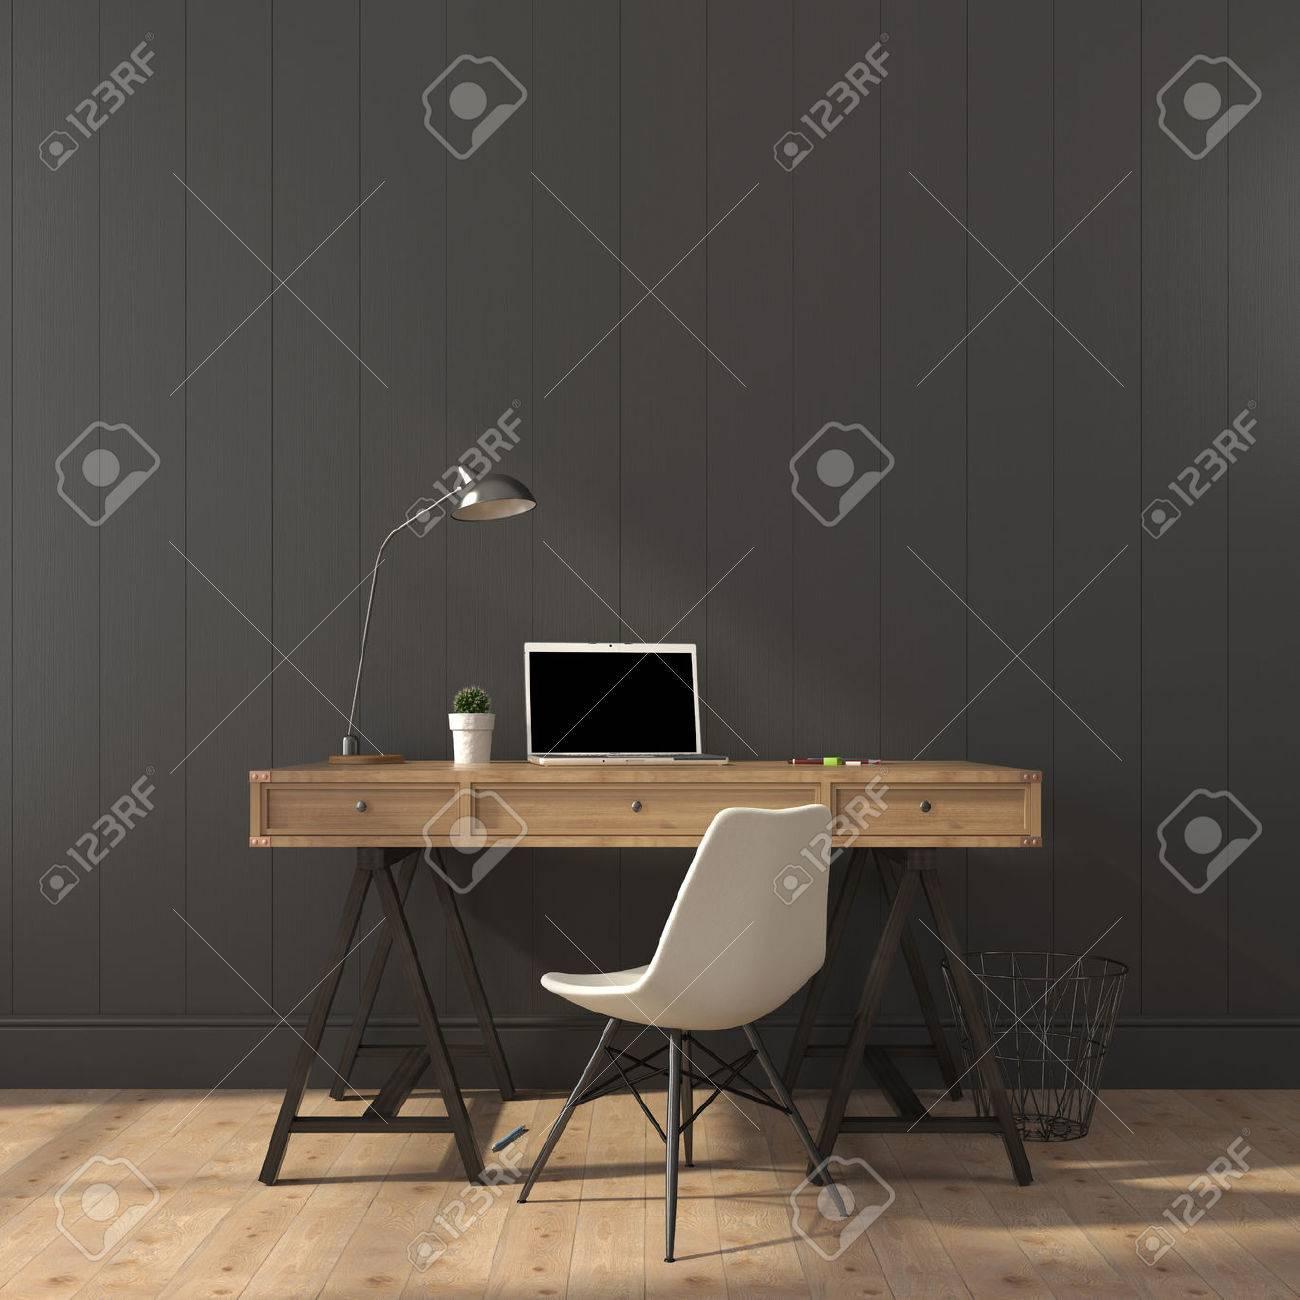 Holzerner Schreibtisch Und Moderner Stuhl Gegen Eine Graue Wand Lizenzfreie Fotos Bilder Und Stock Fotografie Image 31427046